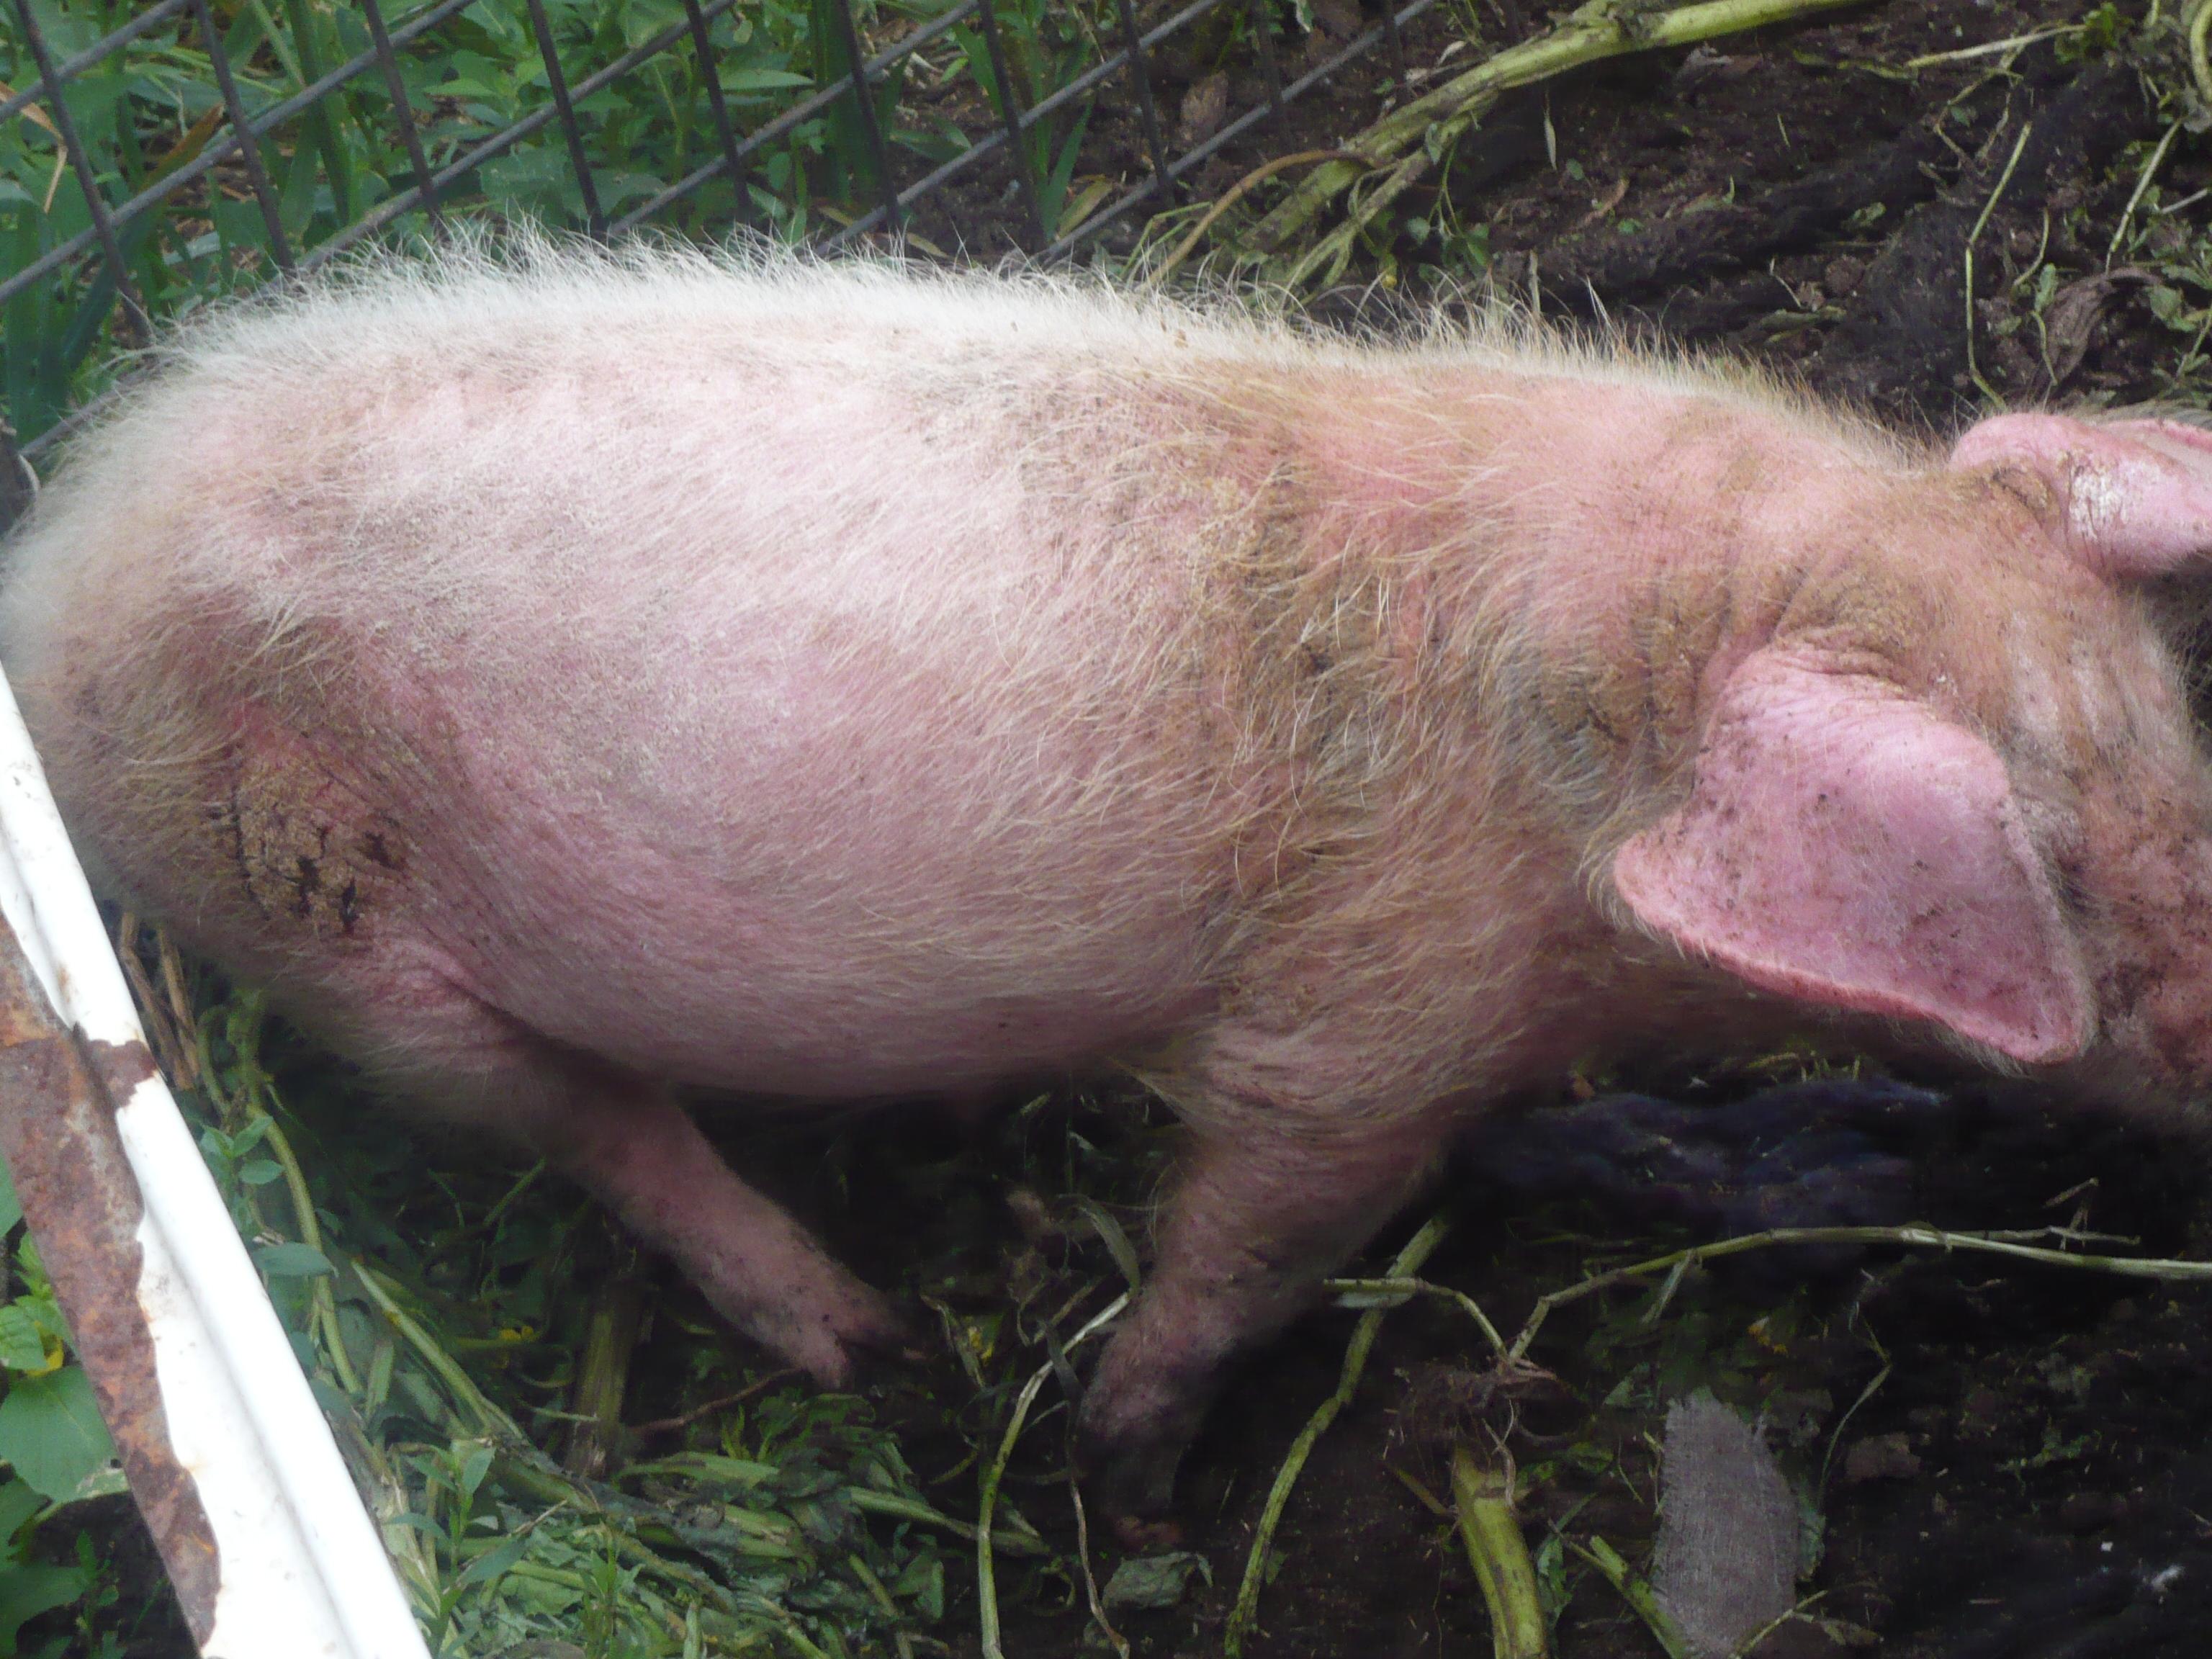 Чесотка у свиней лечение народными средствами | портал о народной медицине